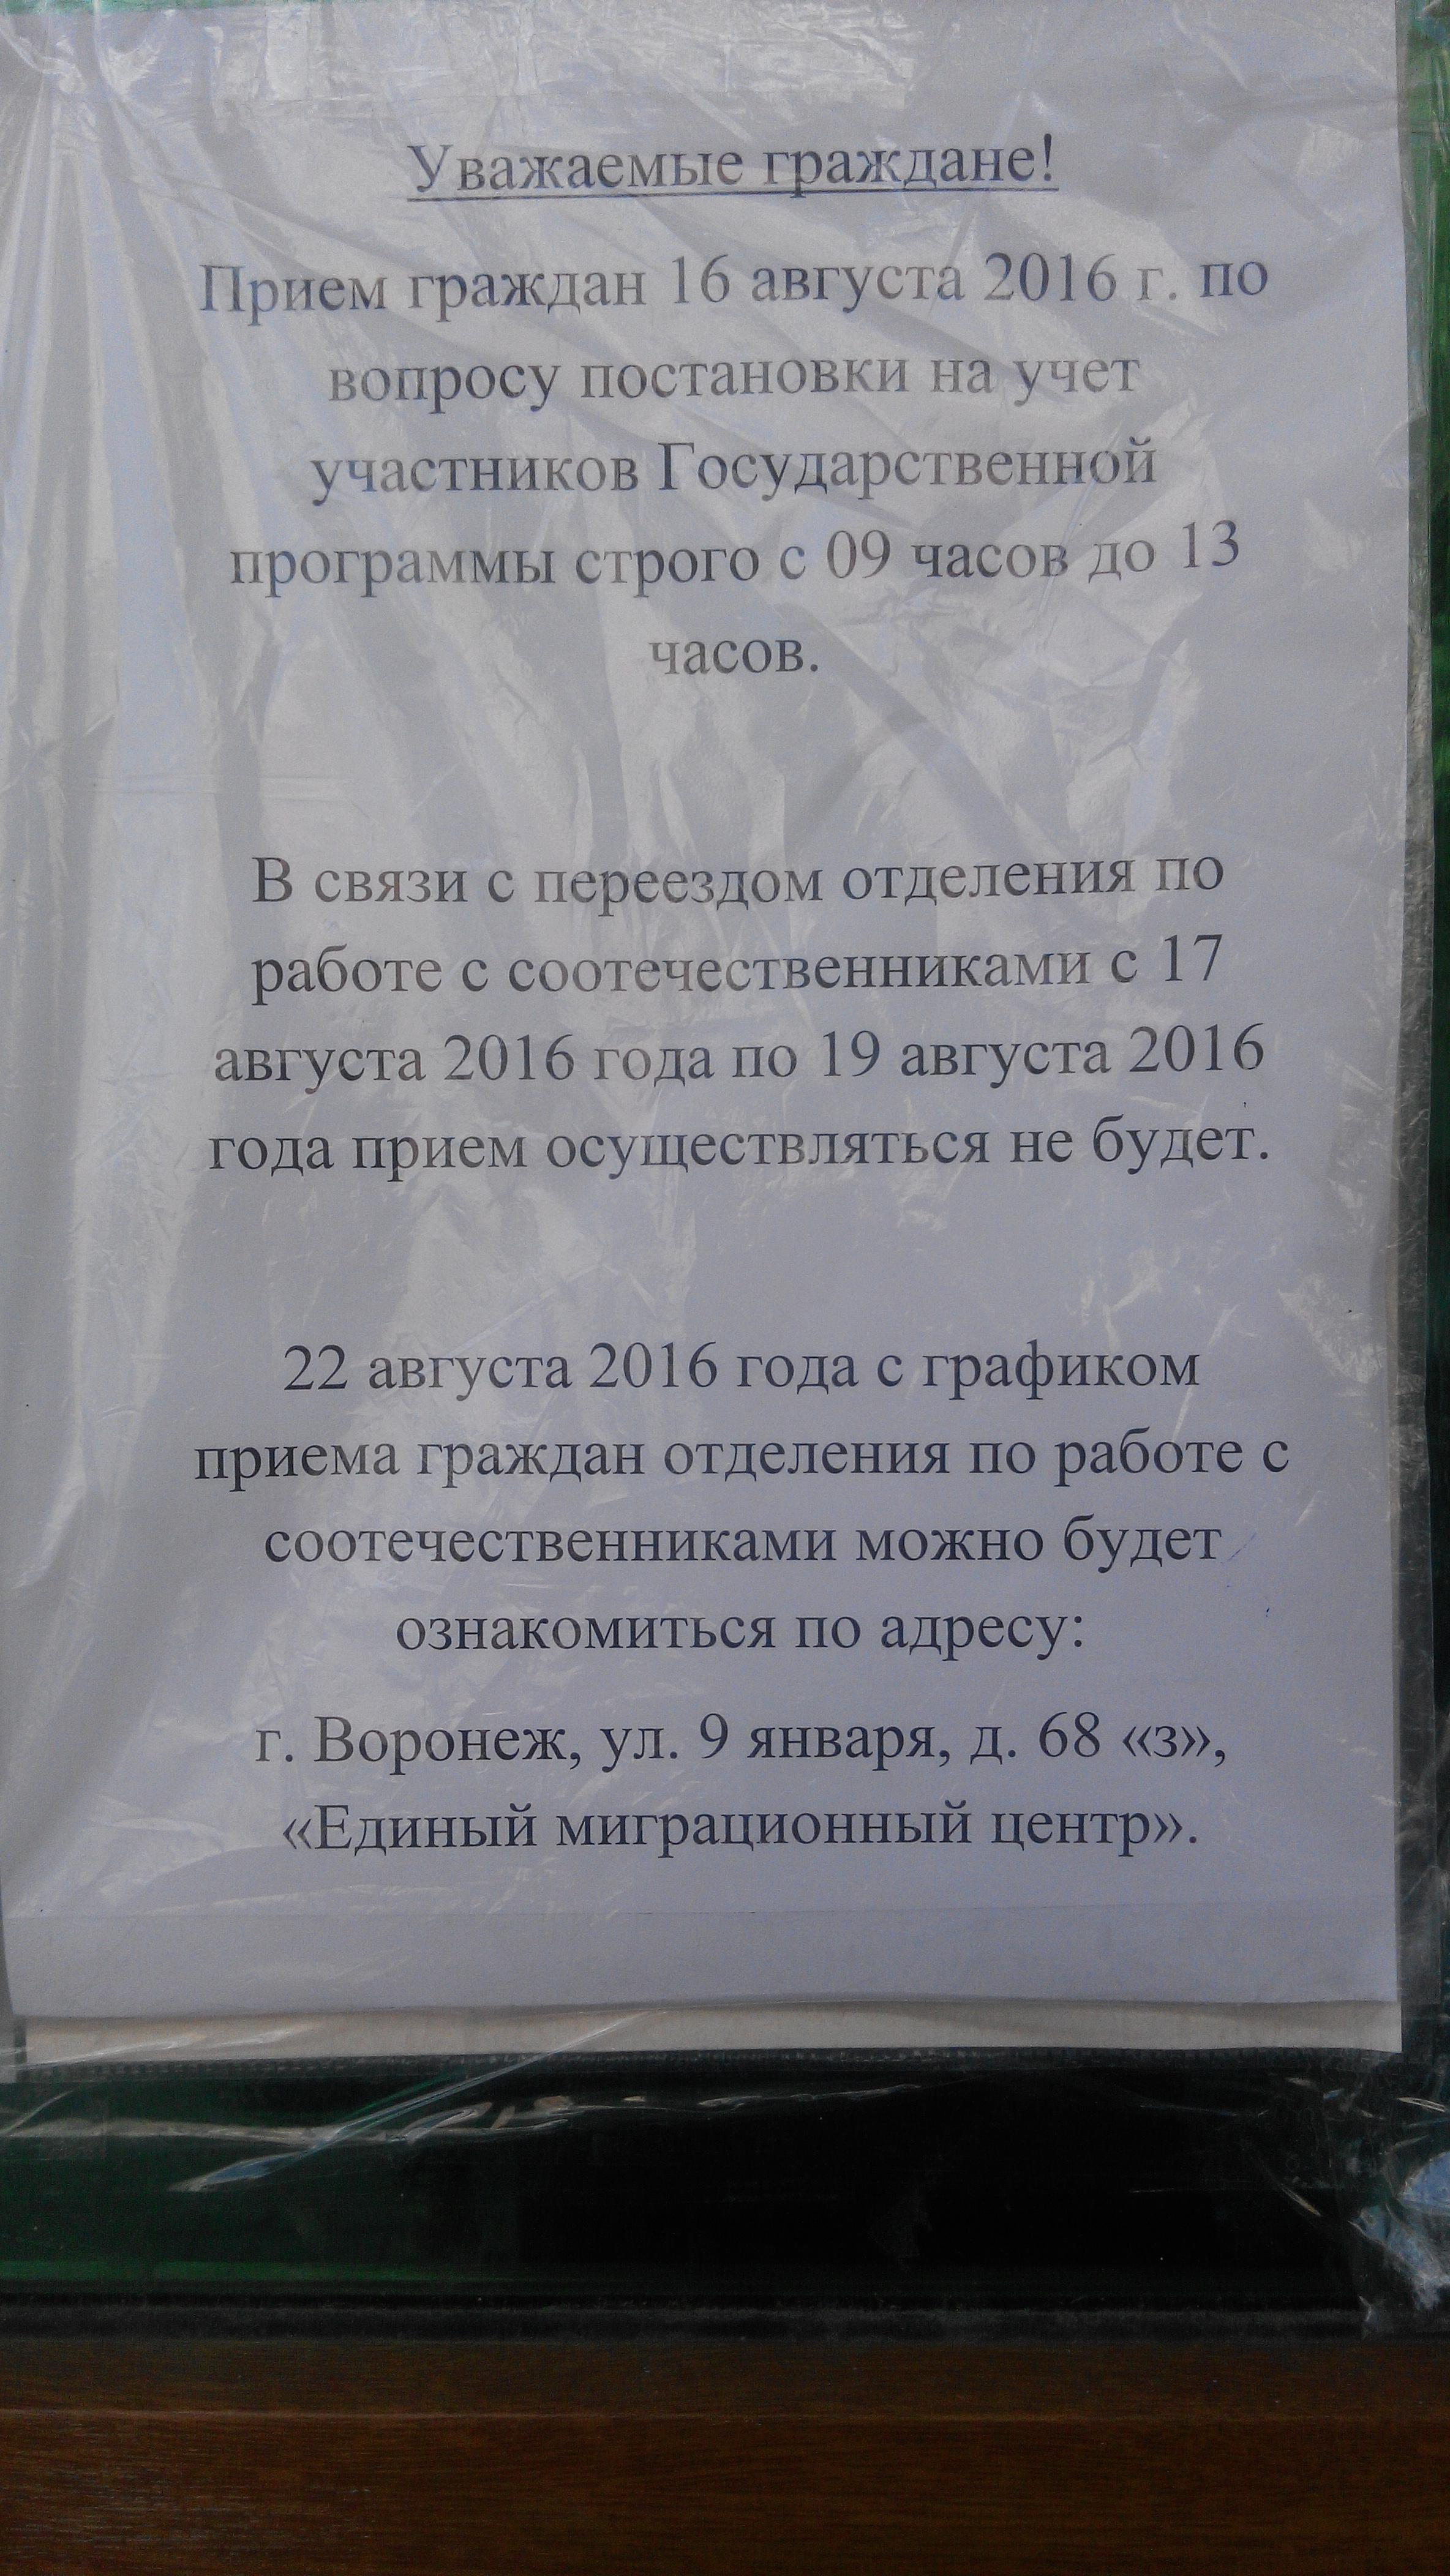 Как подать документы по переселению из узбекистана в воронеже